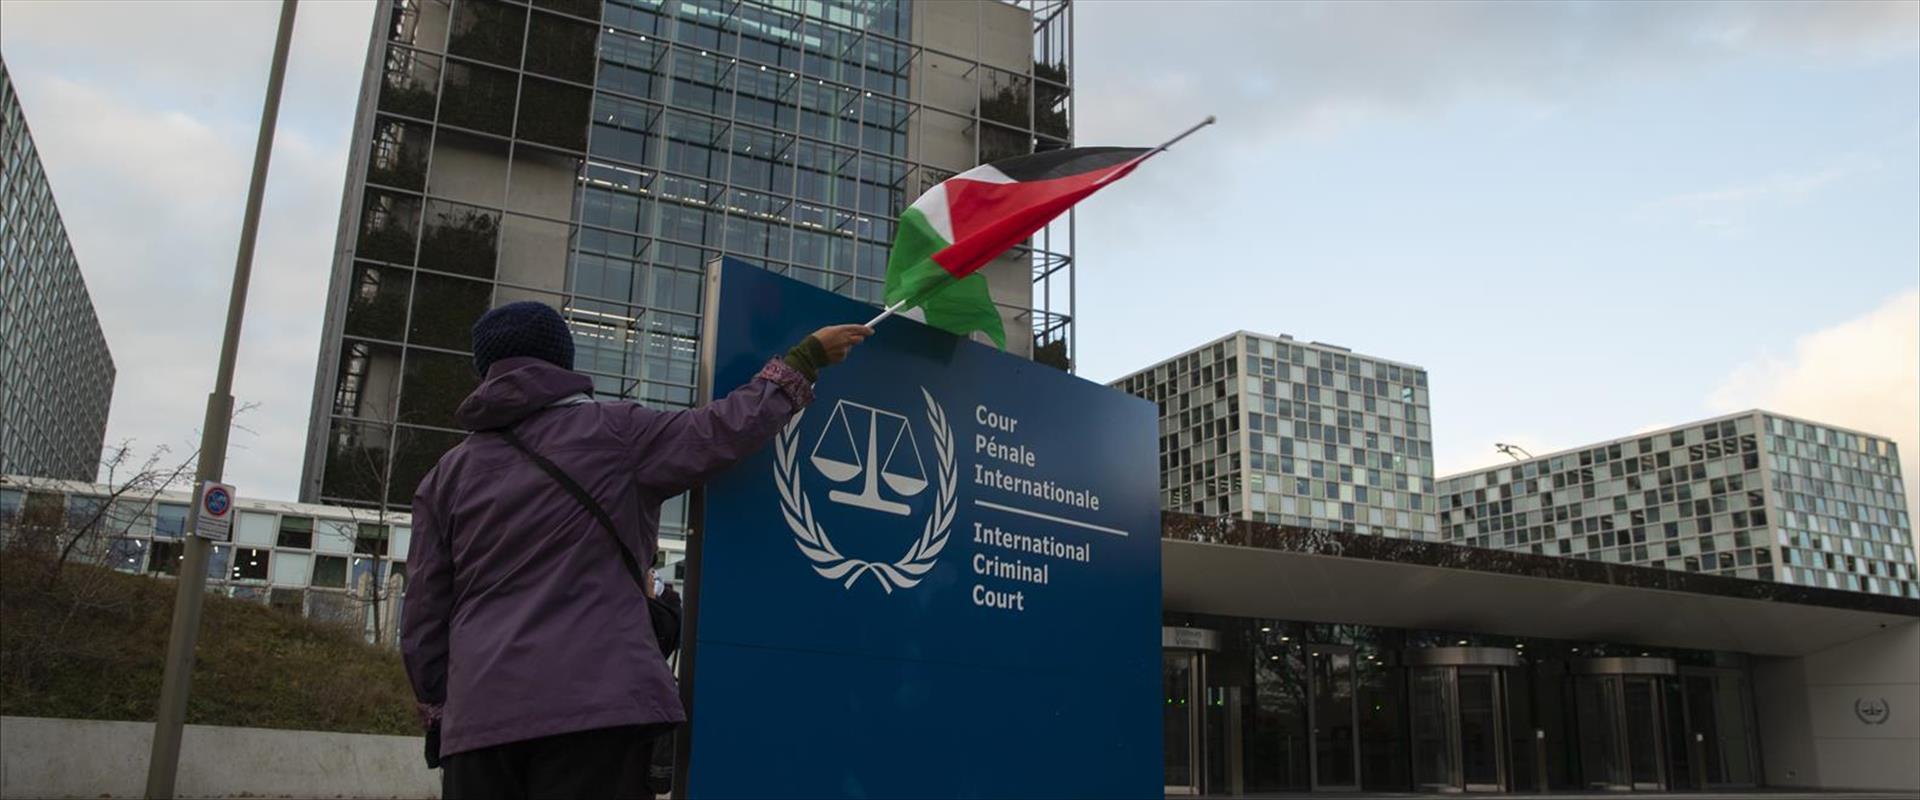 בית הדין הפלילי הבינלאומי בהאג